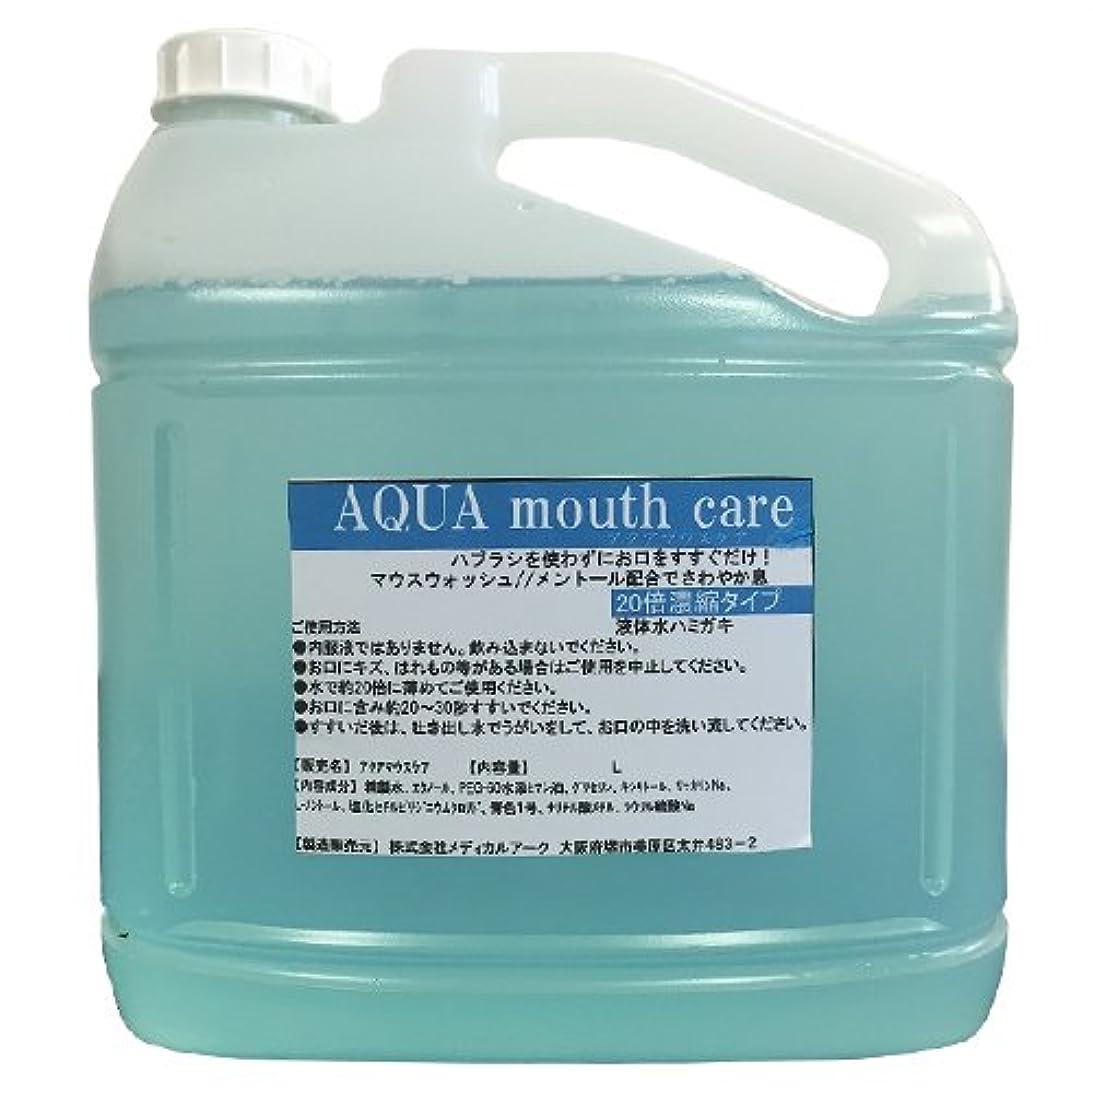 レディクライアント逆に業務用洗口液 マウスウォッシュ アクアマウスケア (AQUA mouth care) 20倍濃縮タイプ 5L (詰め替えコック付き)